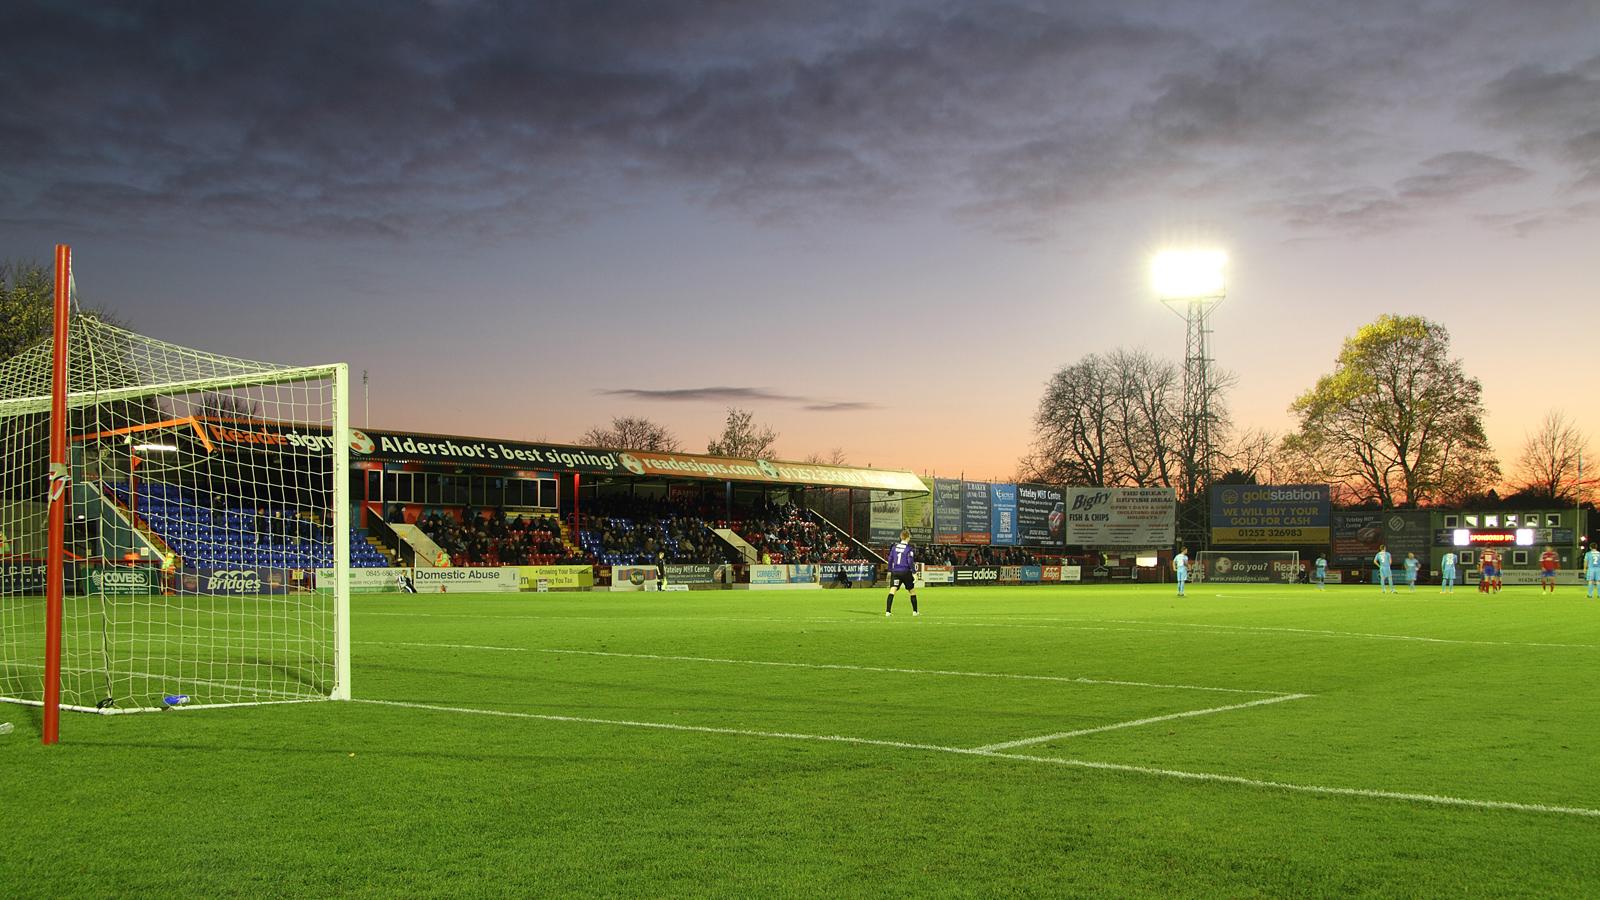 Match Day Tickets Aldershot Town Fc